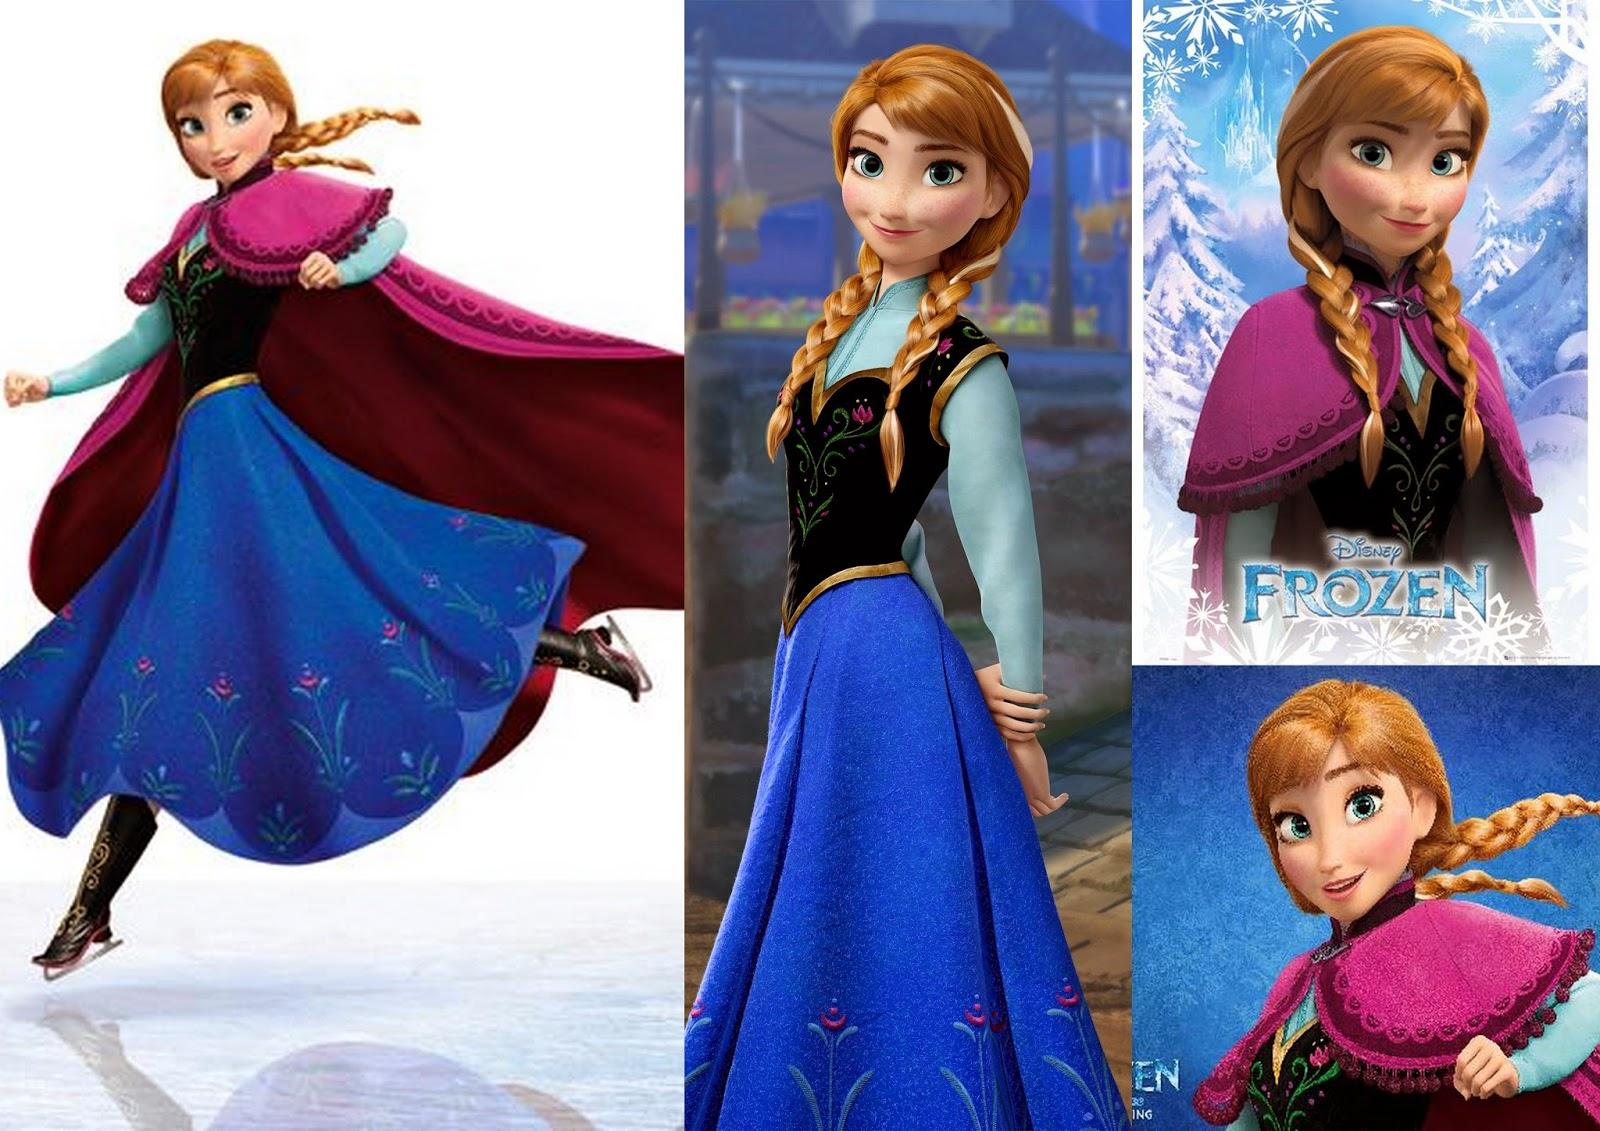 Les jolies choses costume de la reine des neiges anna - Ana reine des neiges ...